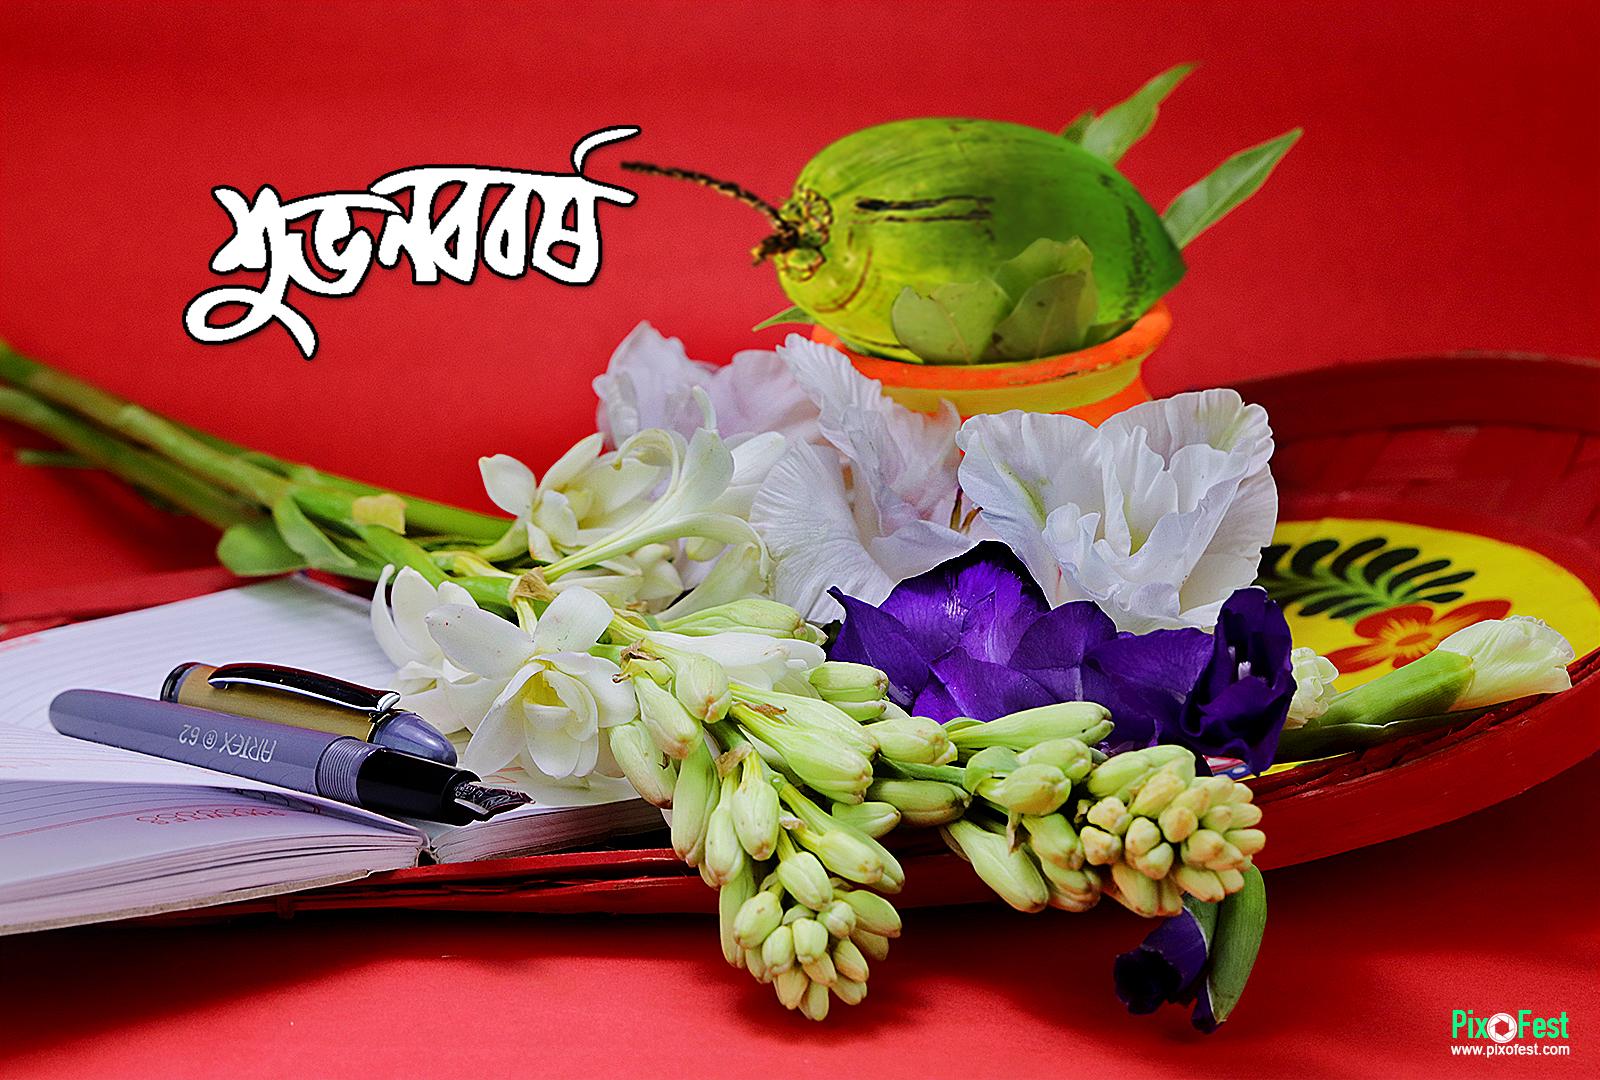 suvho nababarsha_07,subho noboborsho,navabarsha,nababarsha,pohela boishakh,pahela baishakh,bengali new year,newyear in bengali